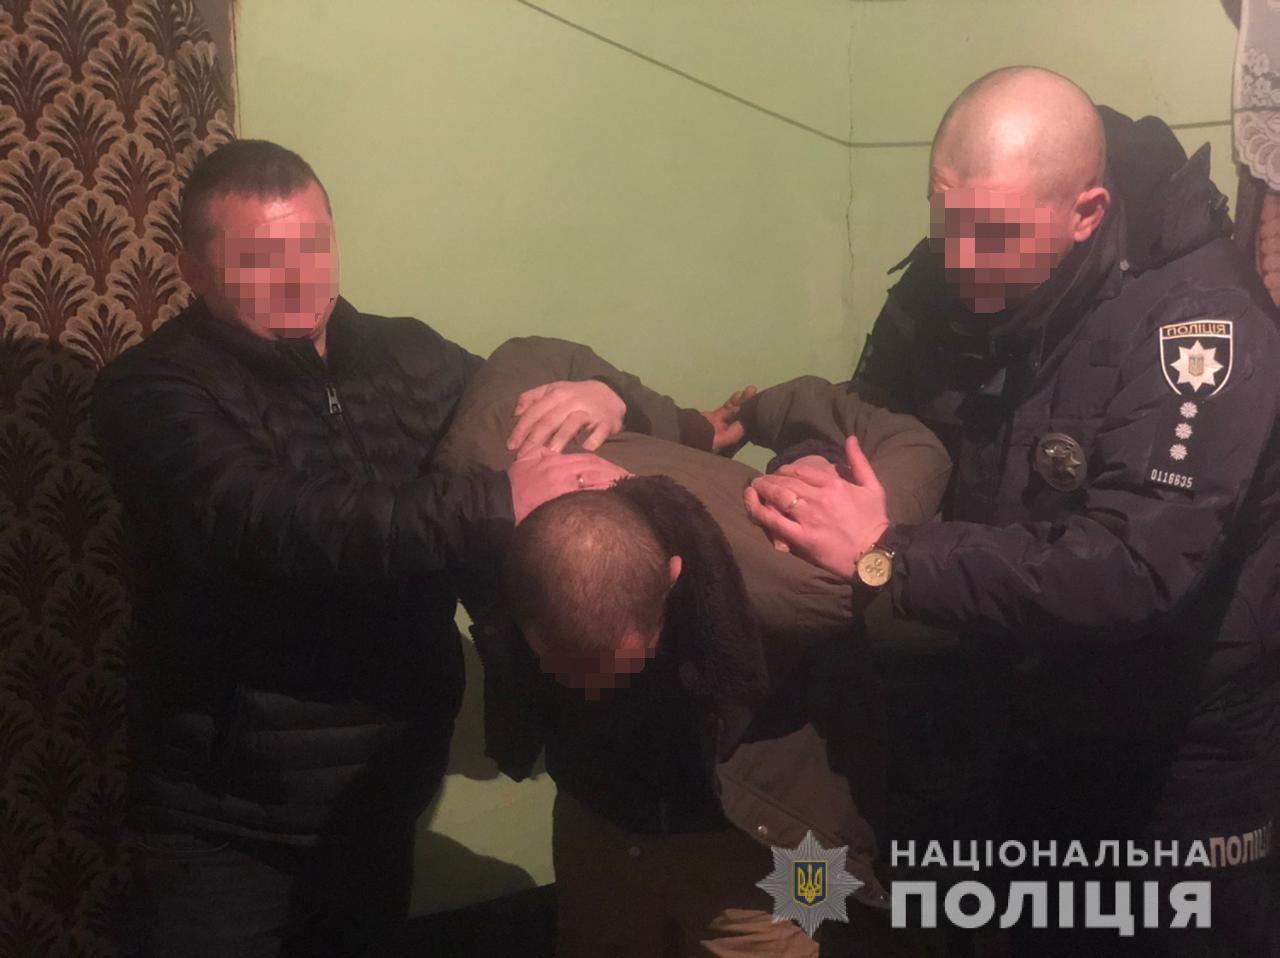 У Виноградові з торгового центру чоловік виніс брендові кросівки. Поліцейські затримали викрадача за лічені години.